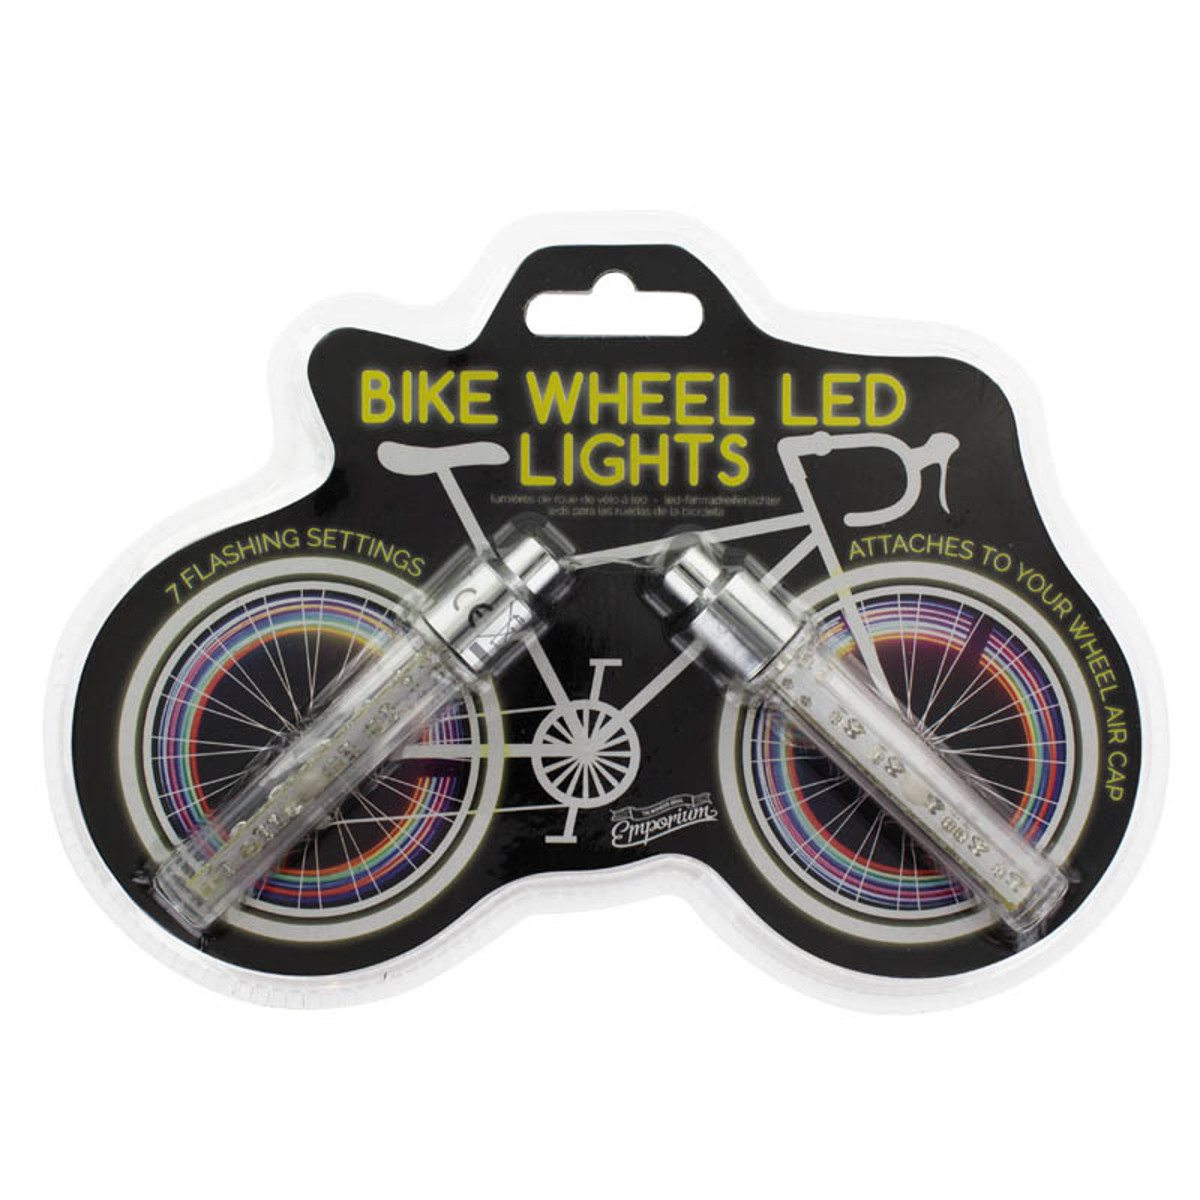 LED-lys til cykelhjulets eger